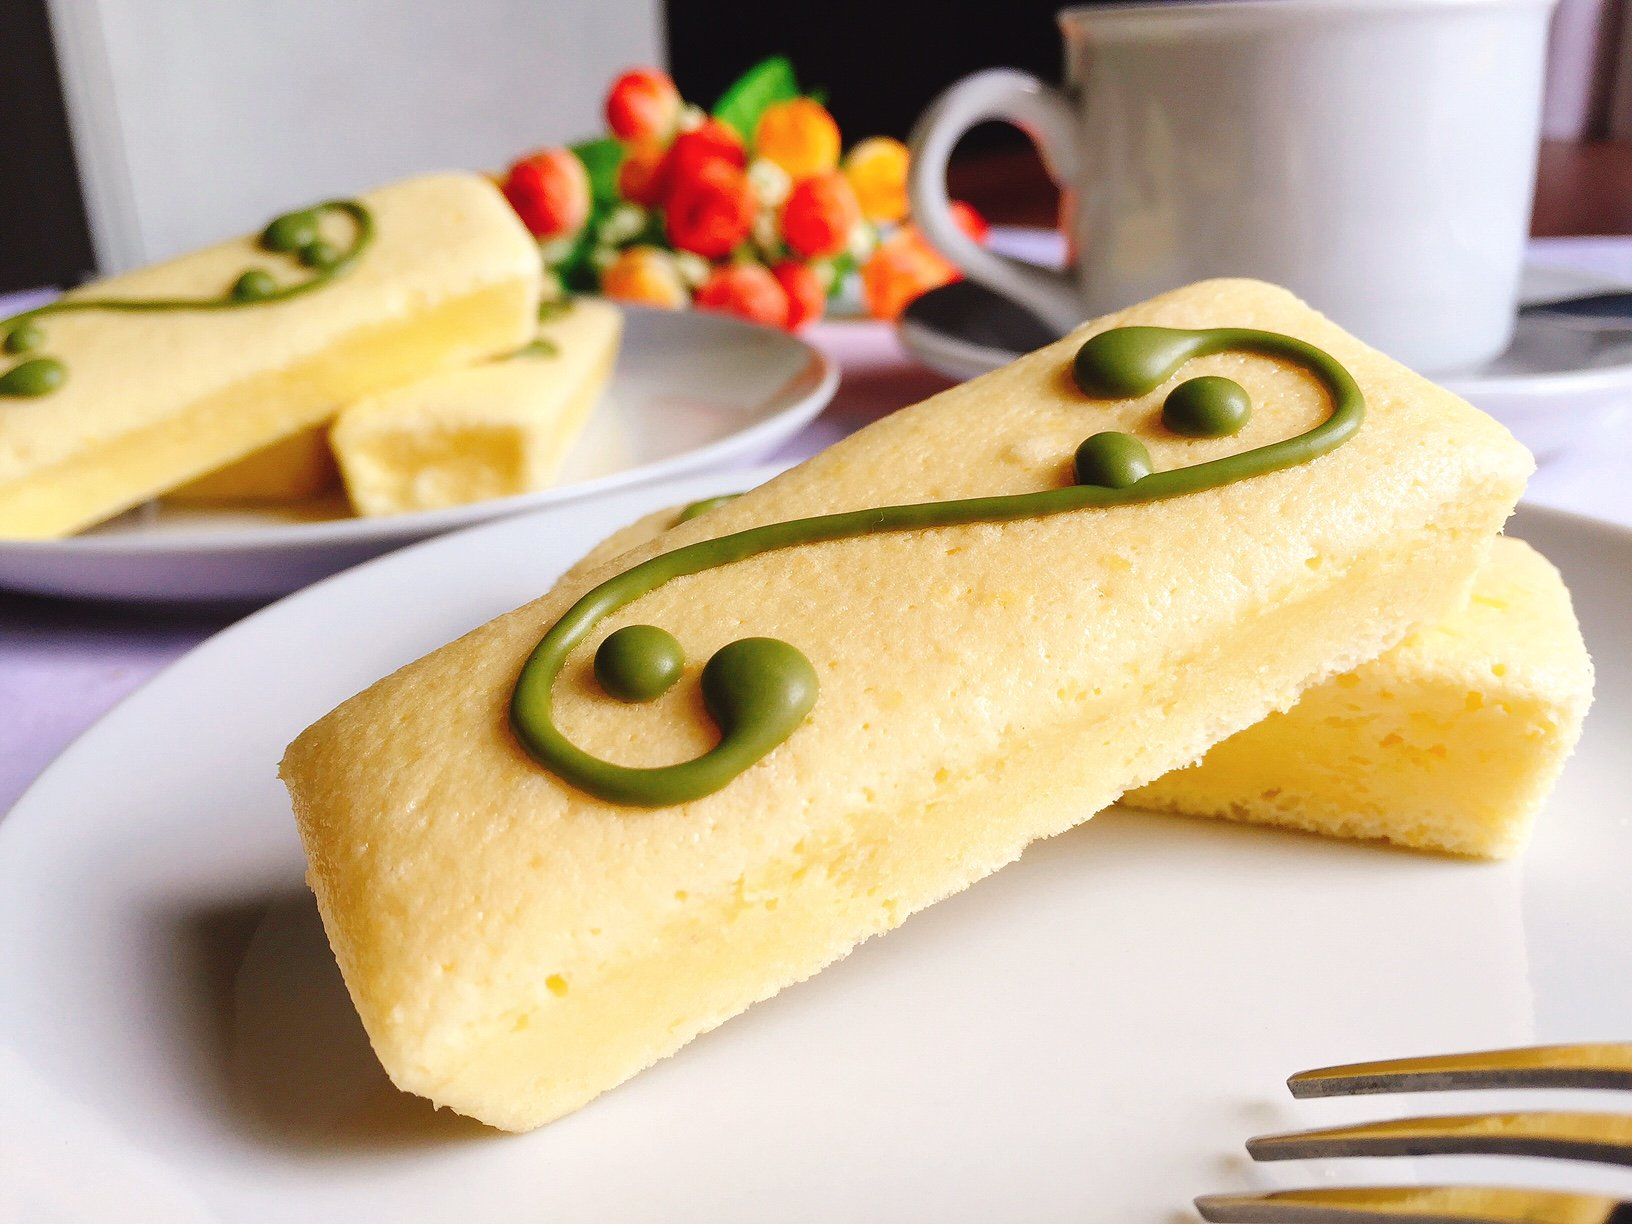 Resep Bolu Cheese Cake Jepang: Resep Membuat Bolu Keju Panggang Mudah Dan Enak